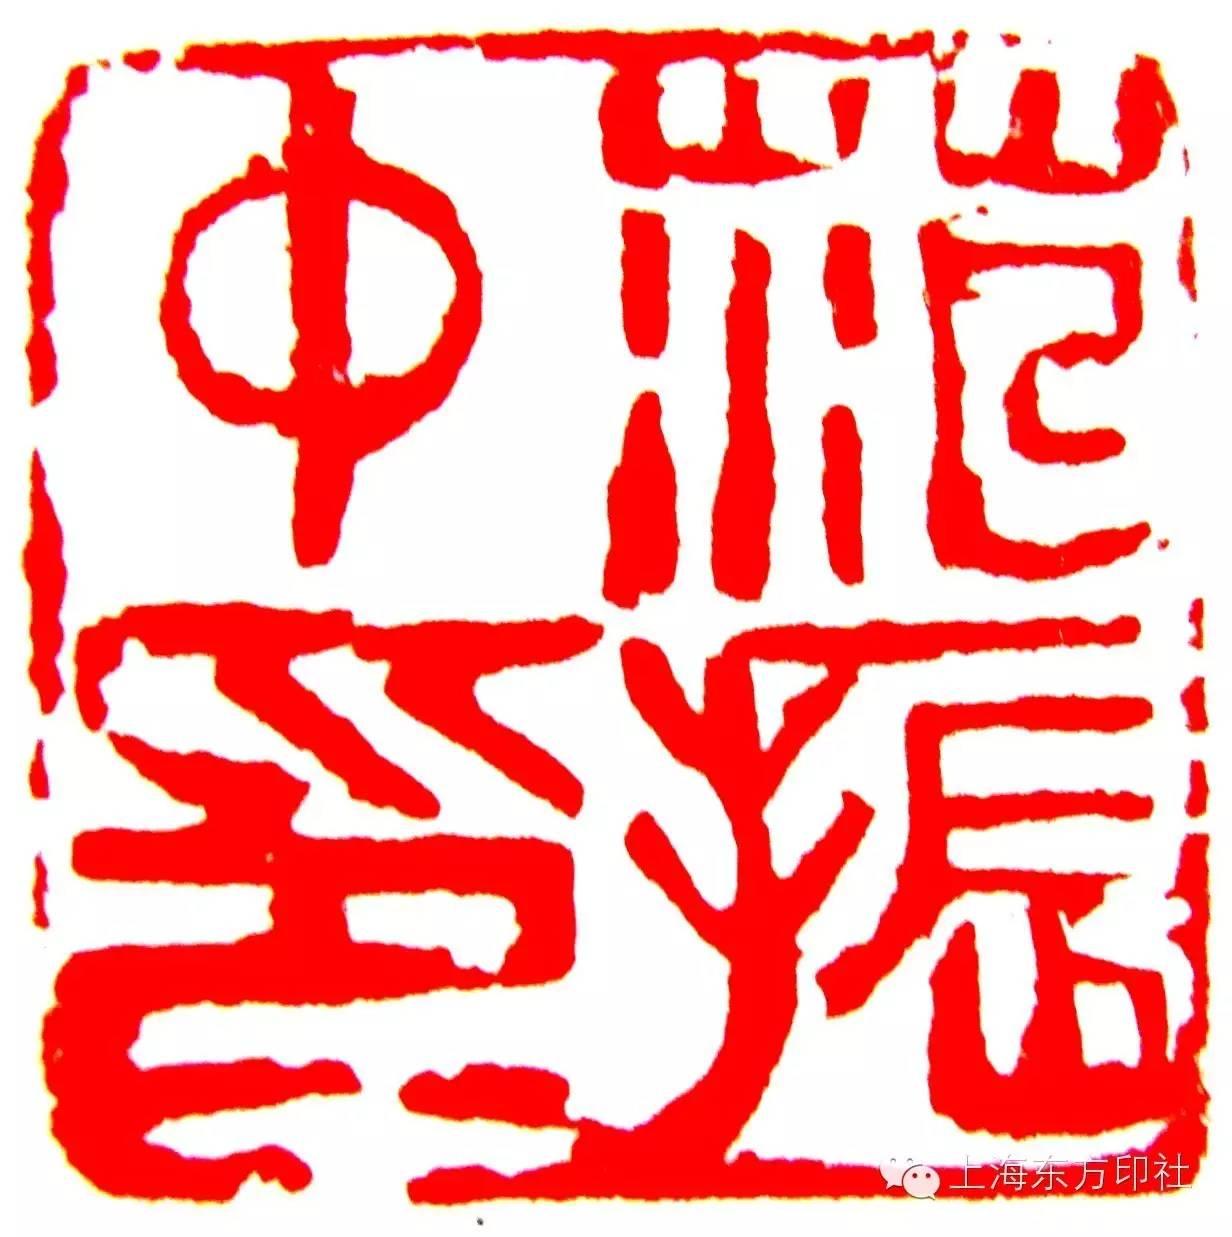 【海派篆刻家】九十春秋铁笔伴————追思恩师赵林先生点滴往事(上)图片